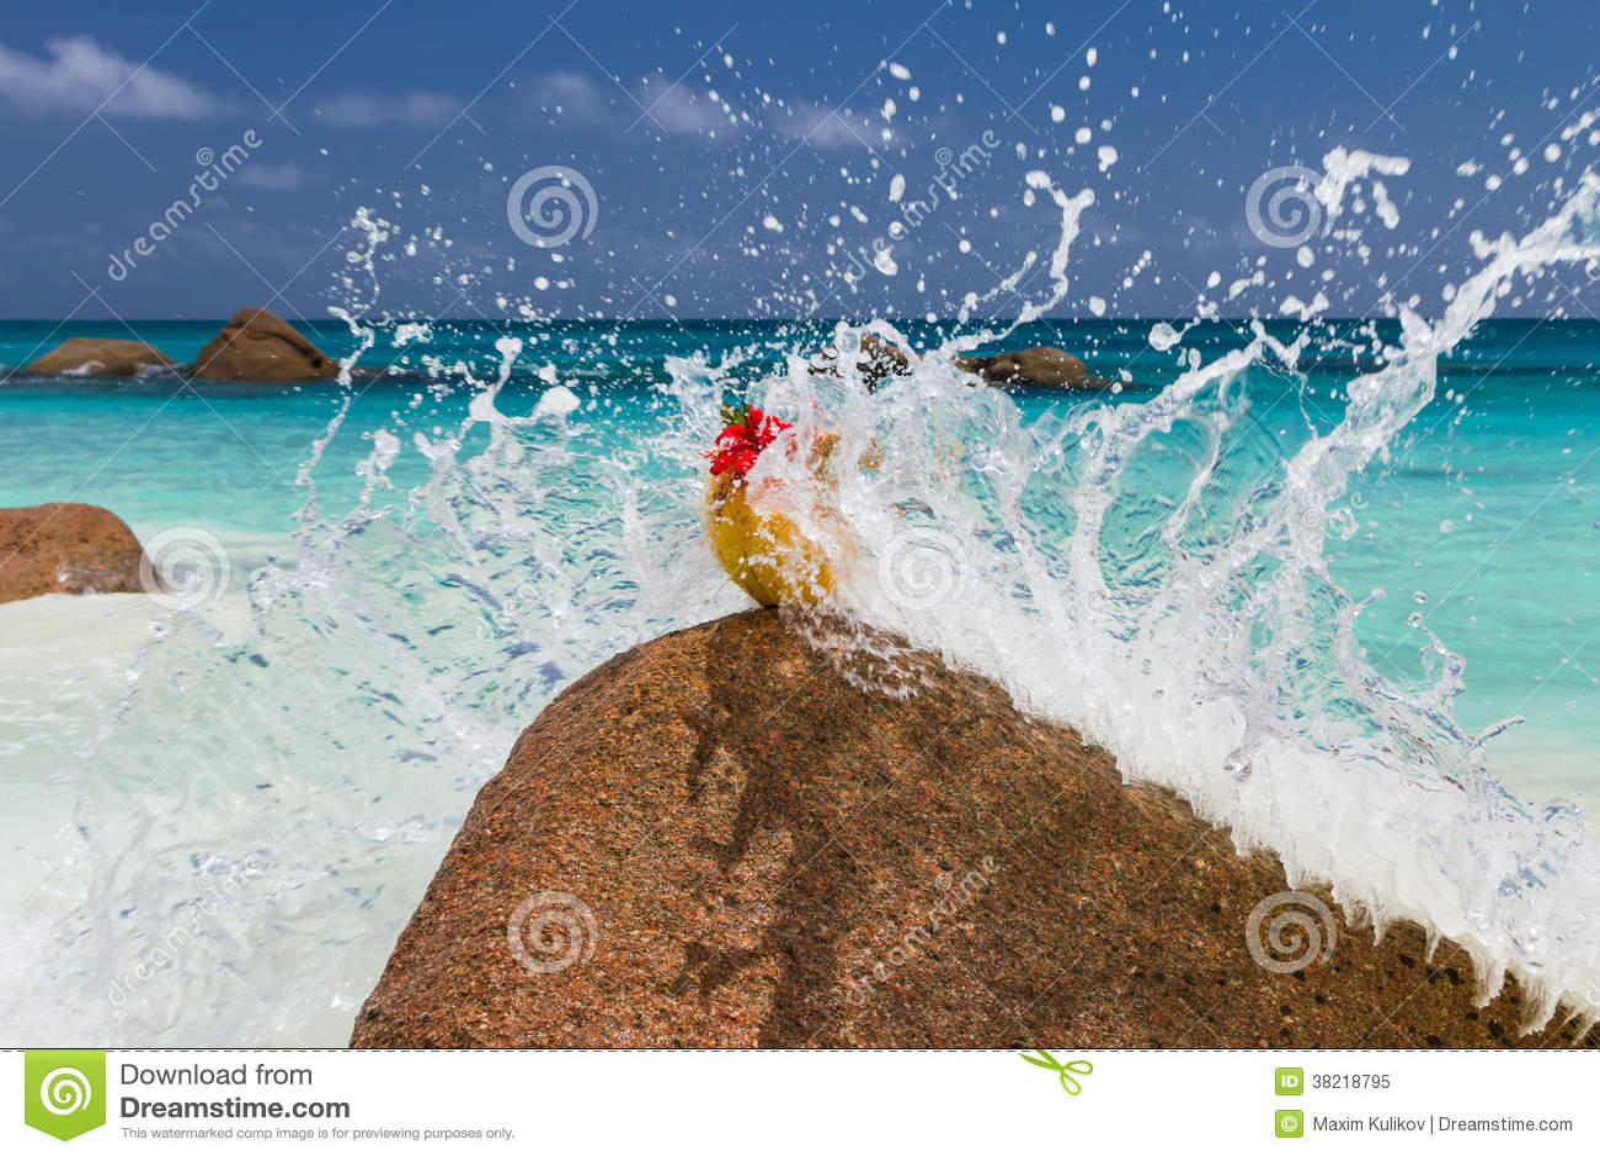 海洋风景海滩蓝色水彩岩石石头天空飞溅椰子红色花.图片